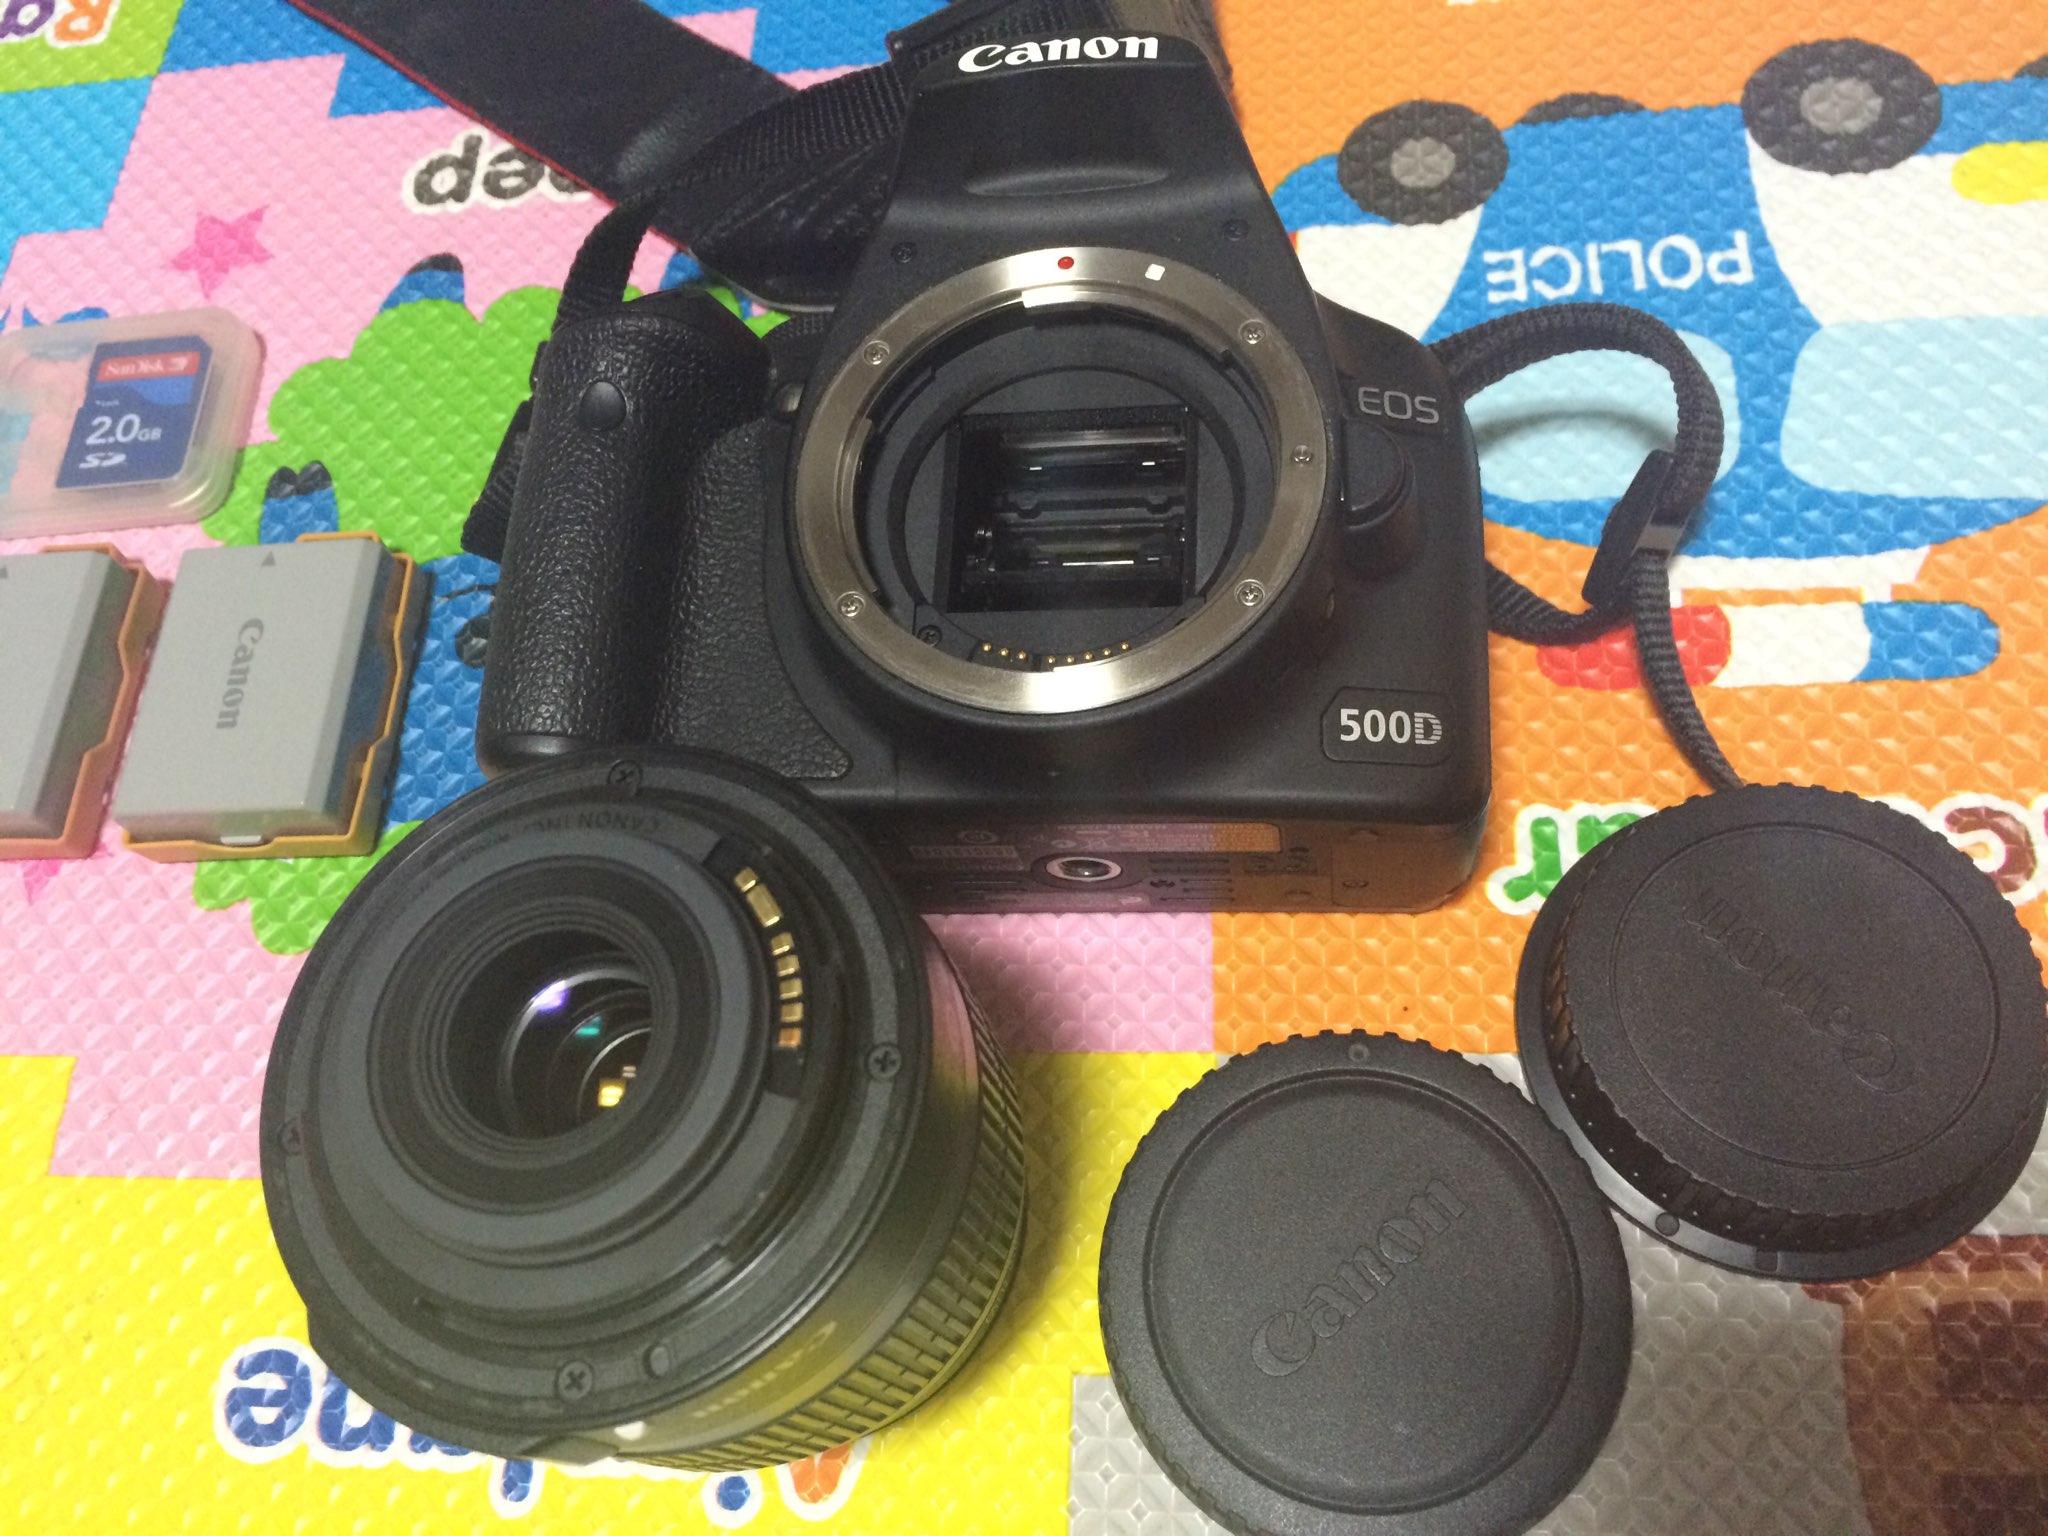 camera06.jpg